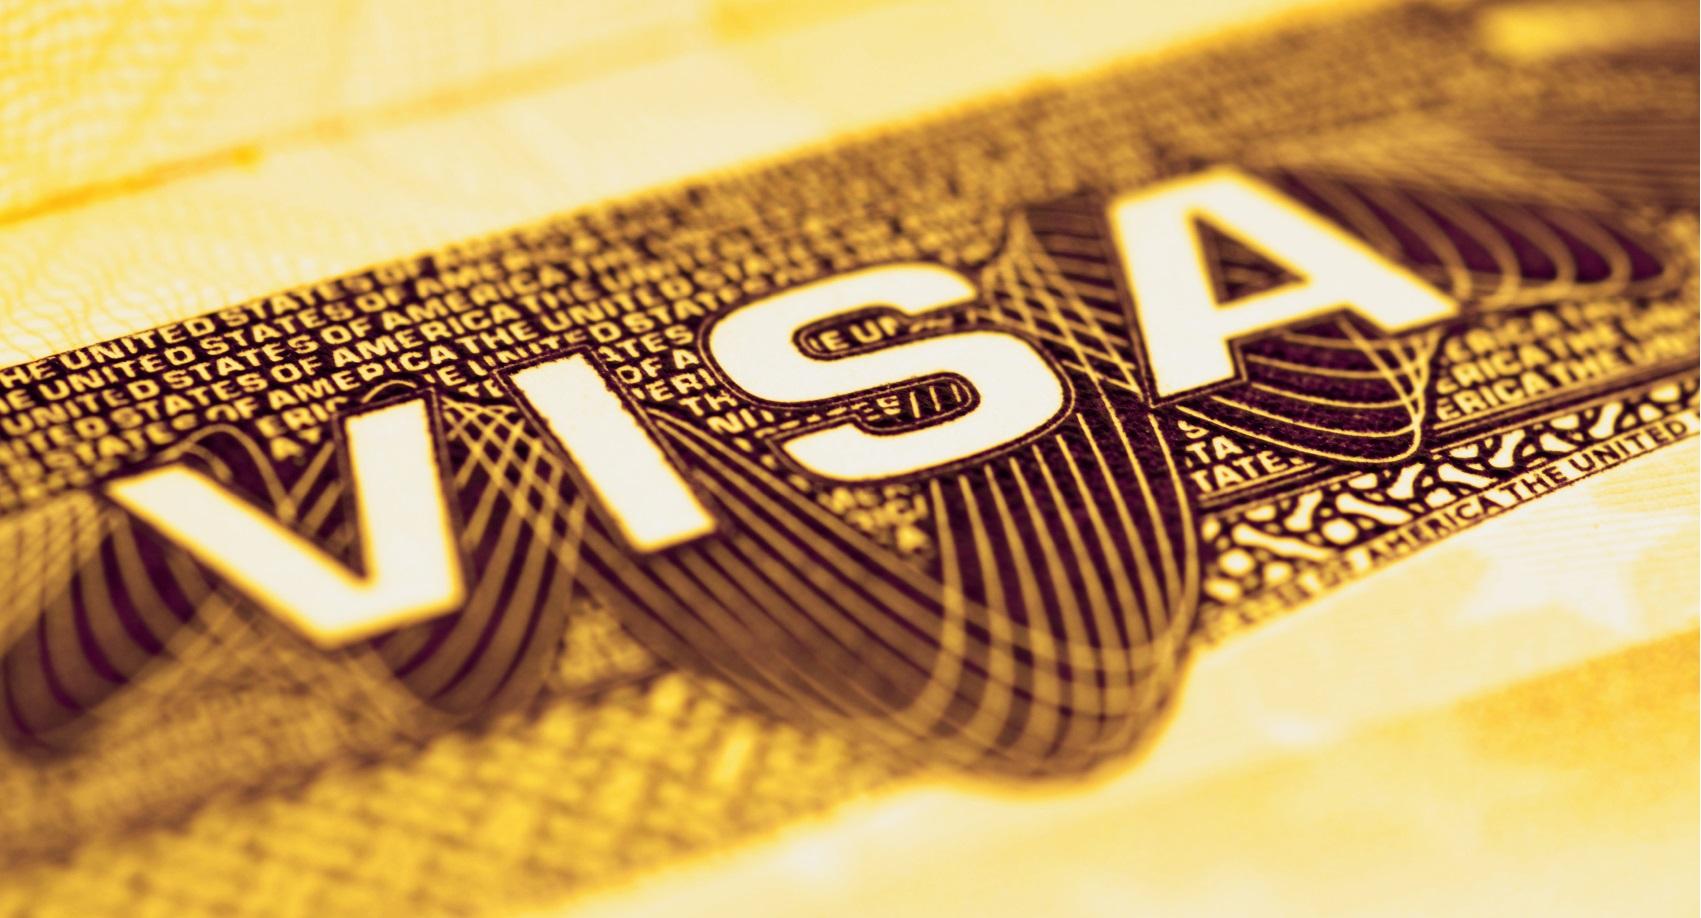 ¿Cómo aplicar a una visa a través de inversiones en España?